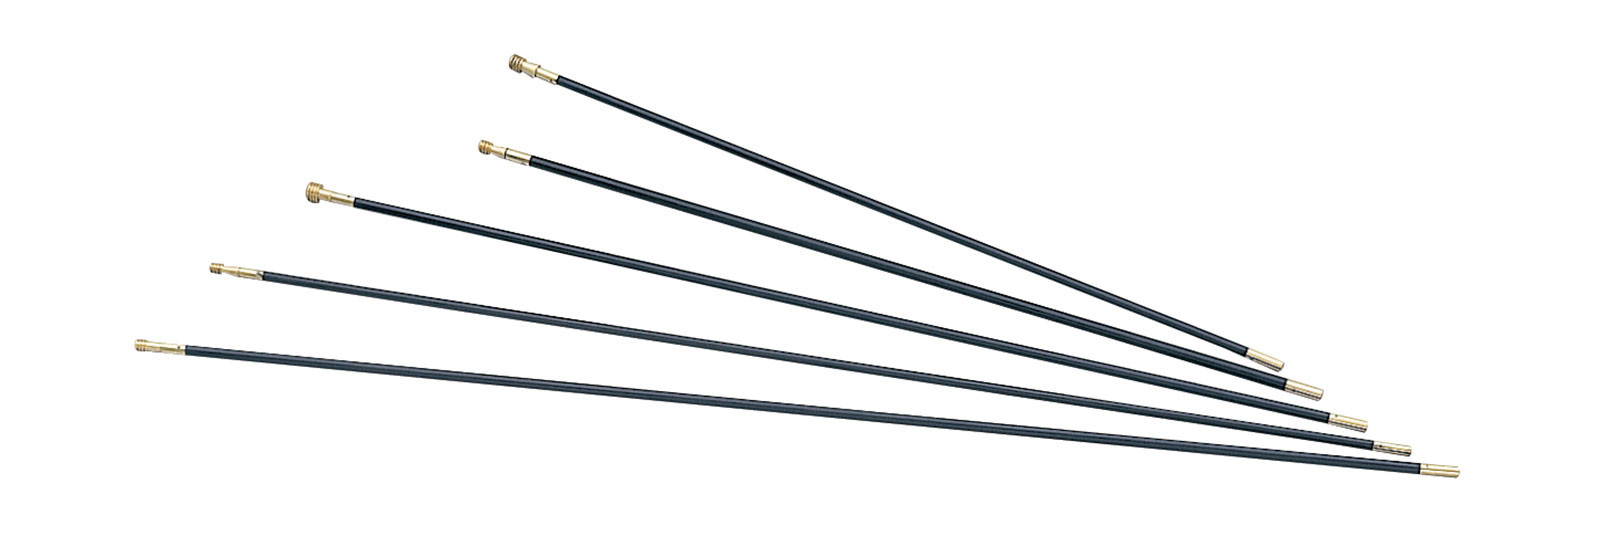 Fiber rod 9x900 mm